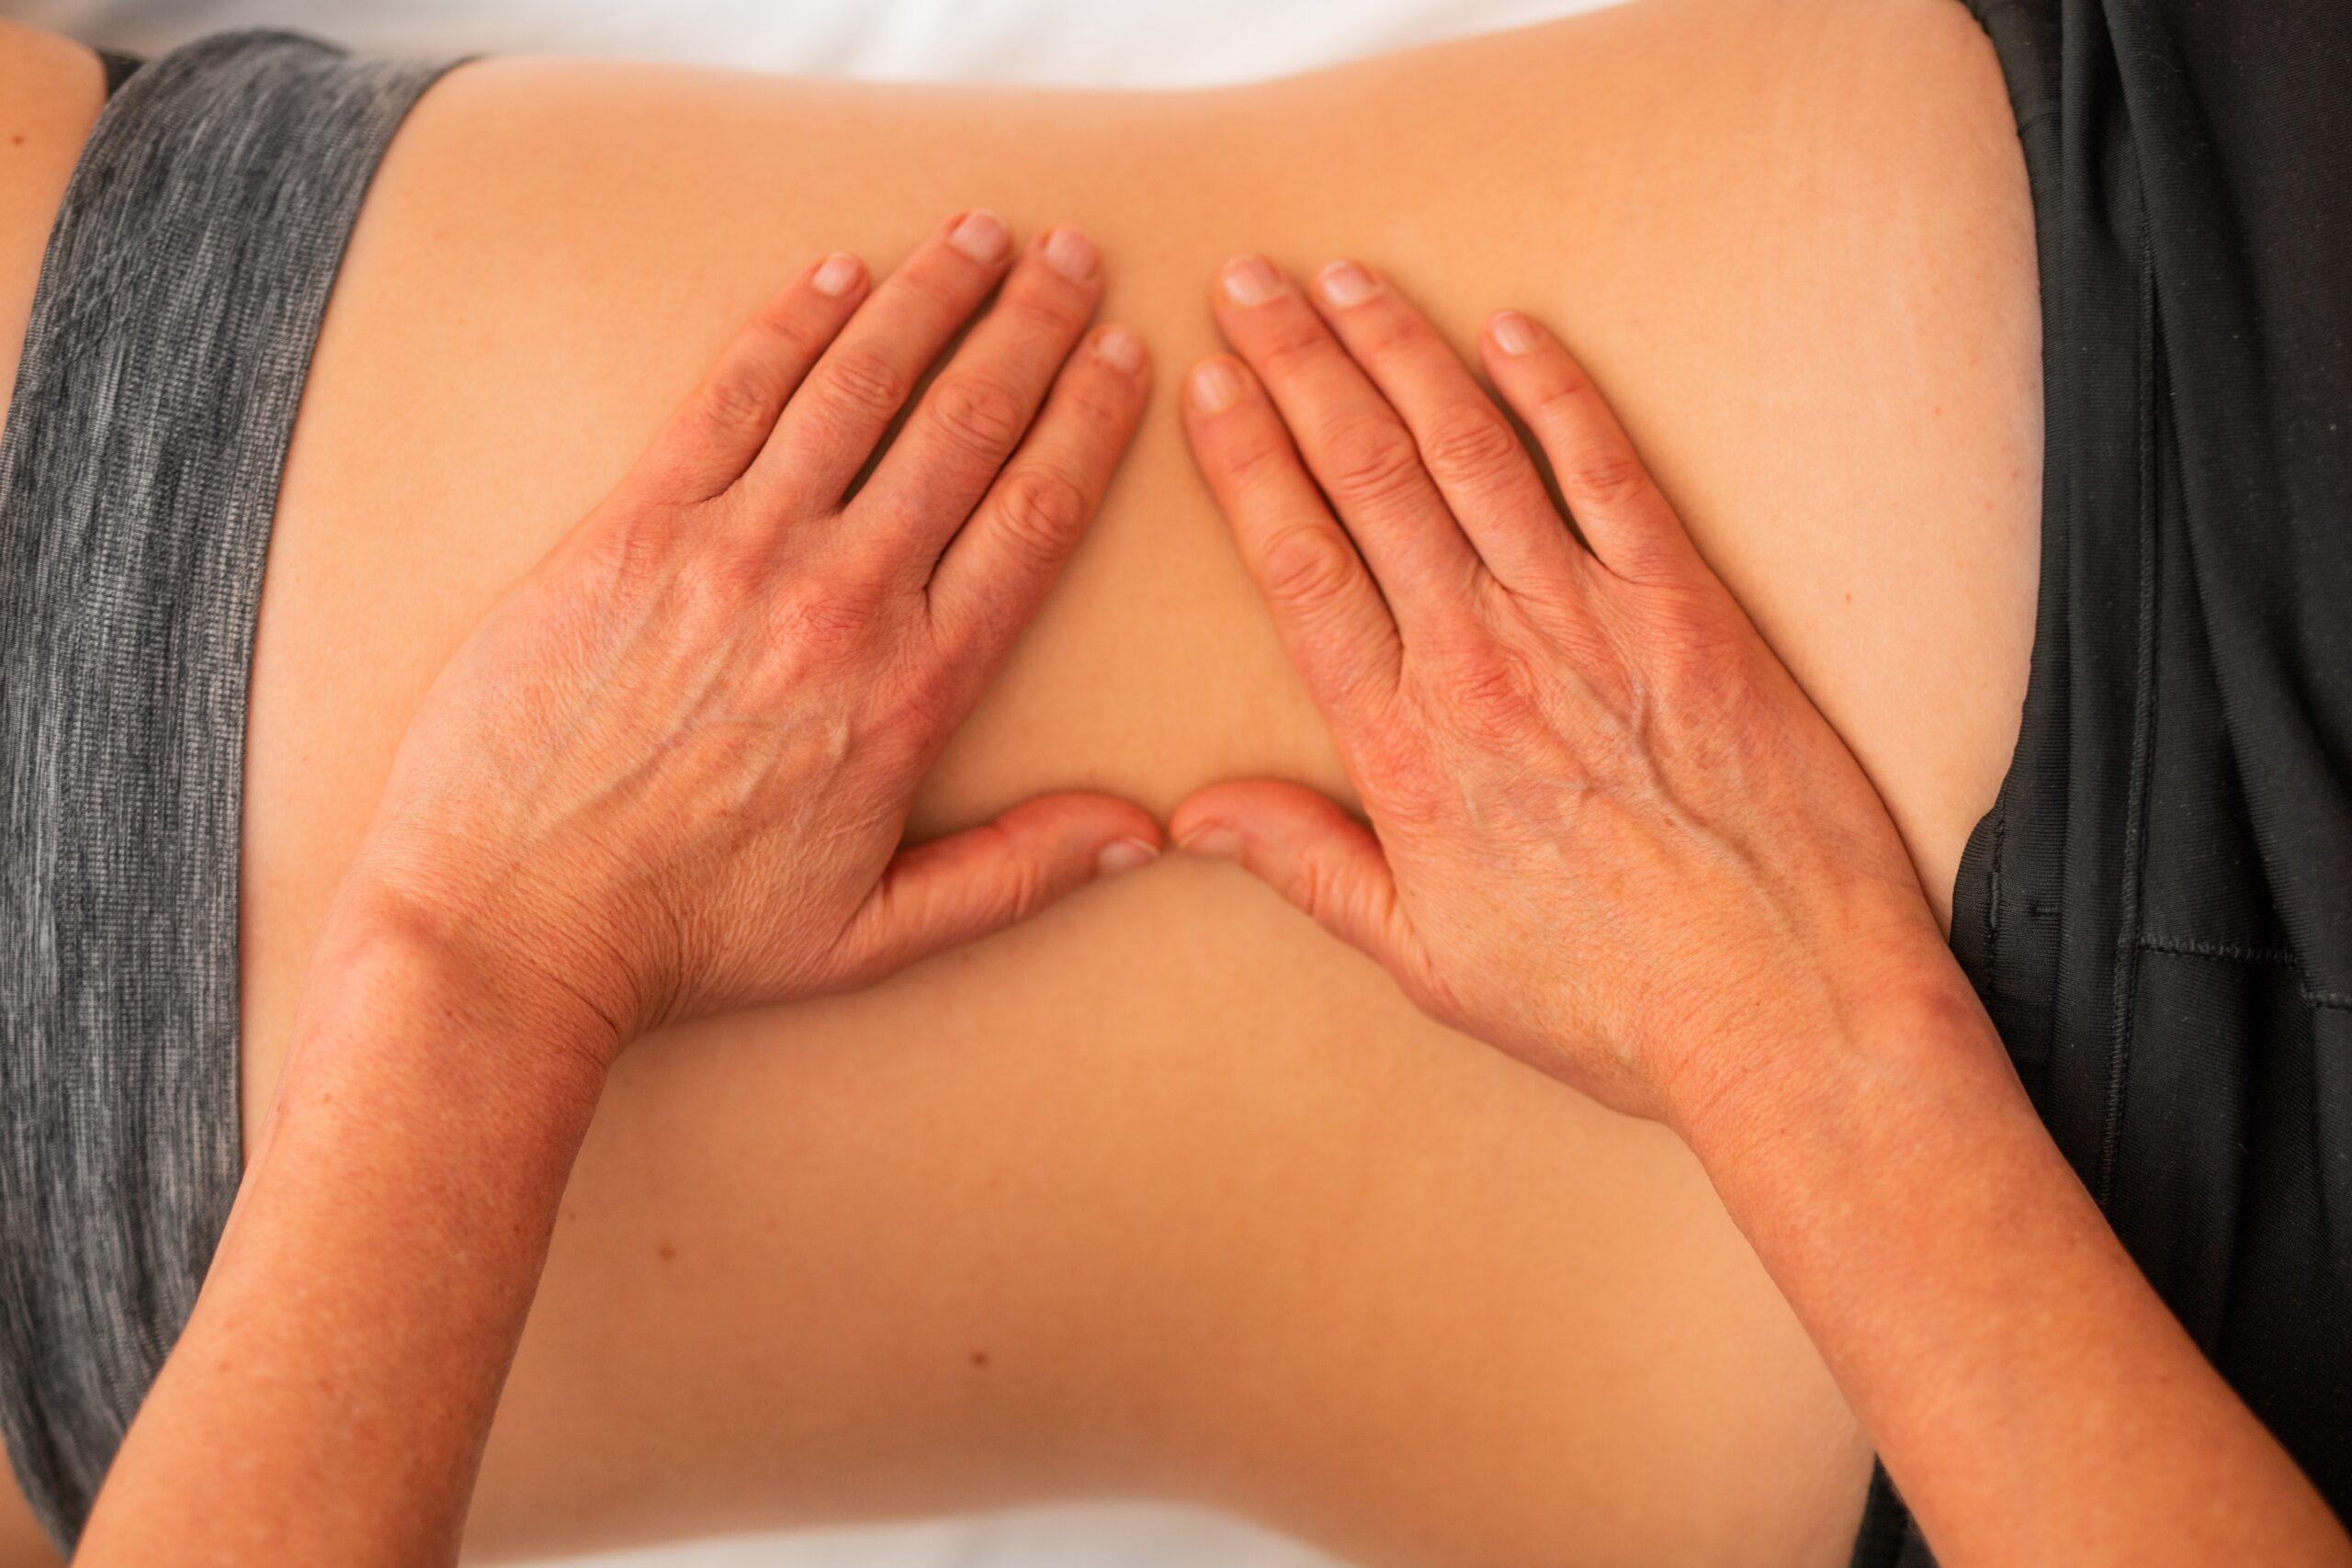 Massør i Slagelse Massage af spændte muskler 4200 Slagelse